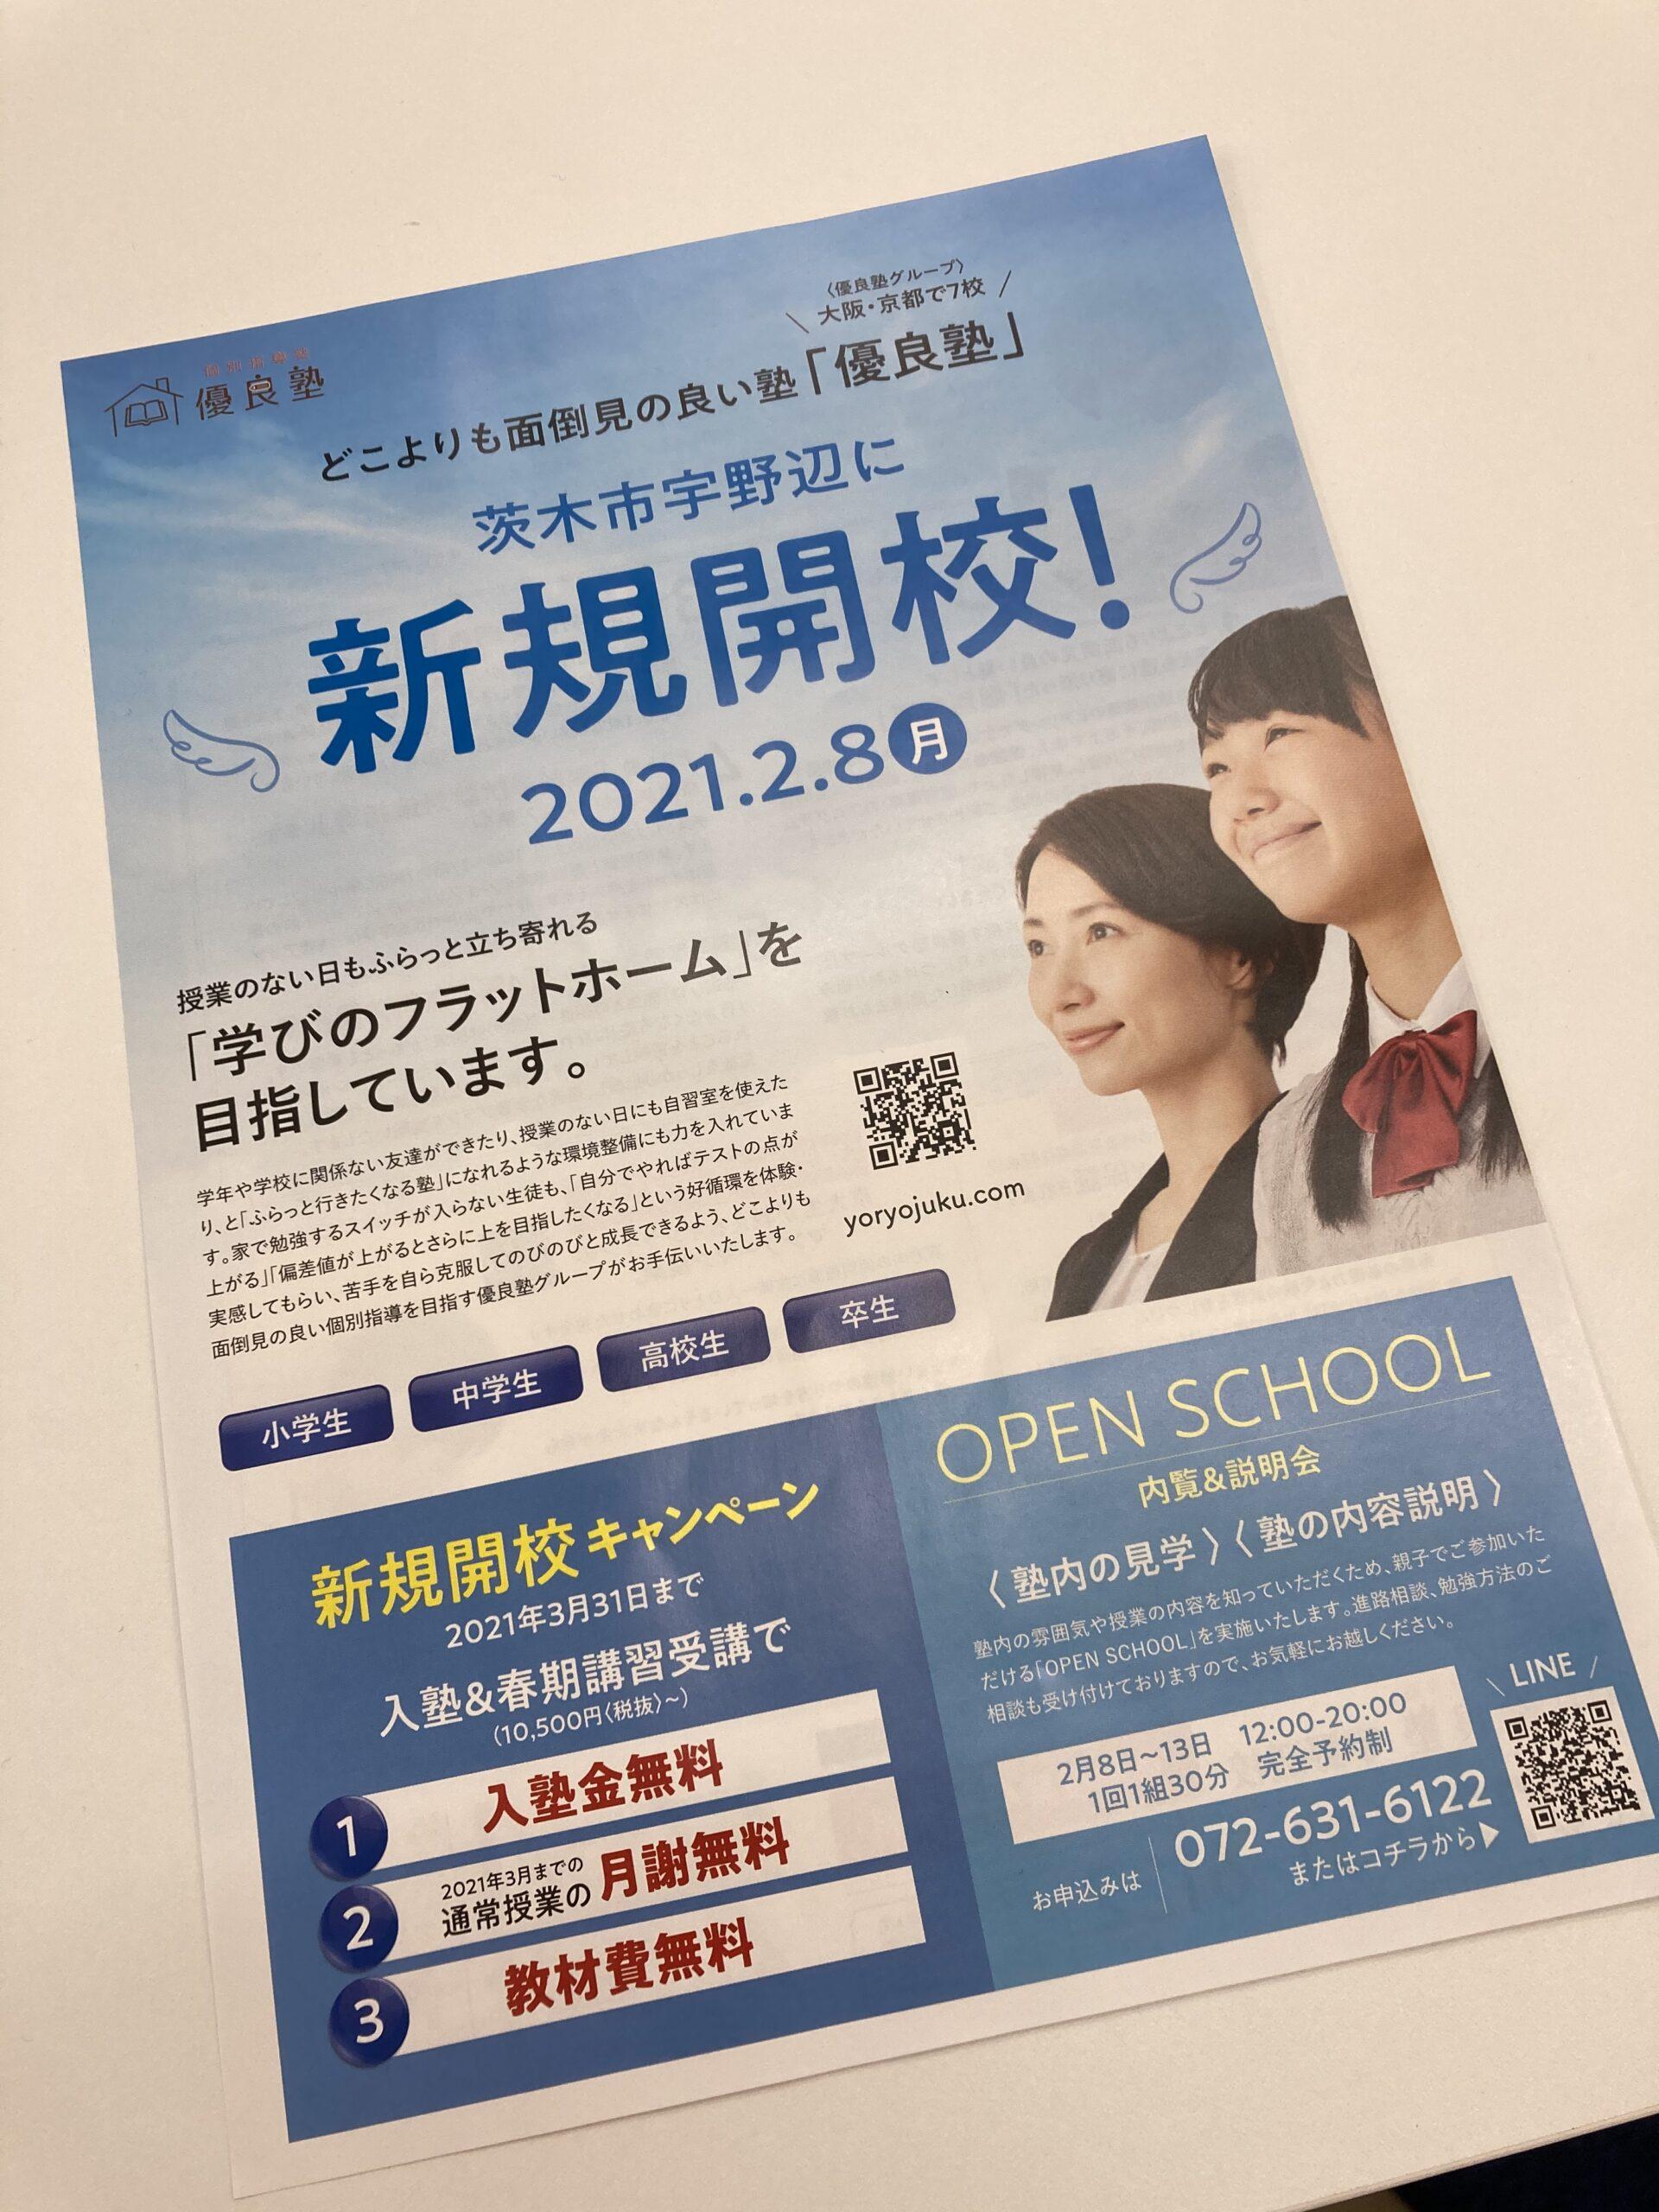 新規開校 オープンスクール チラシ